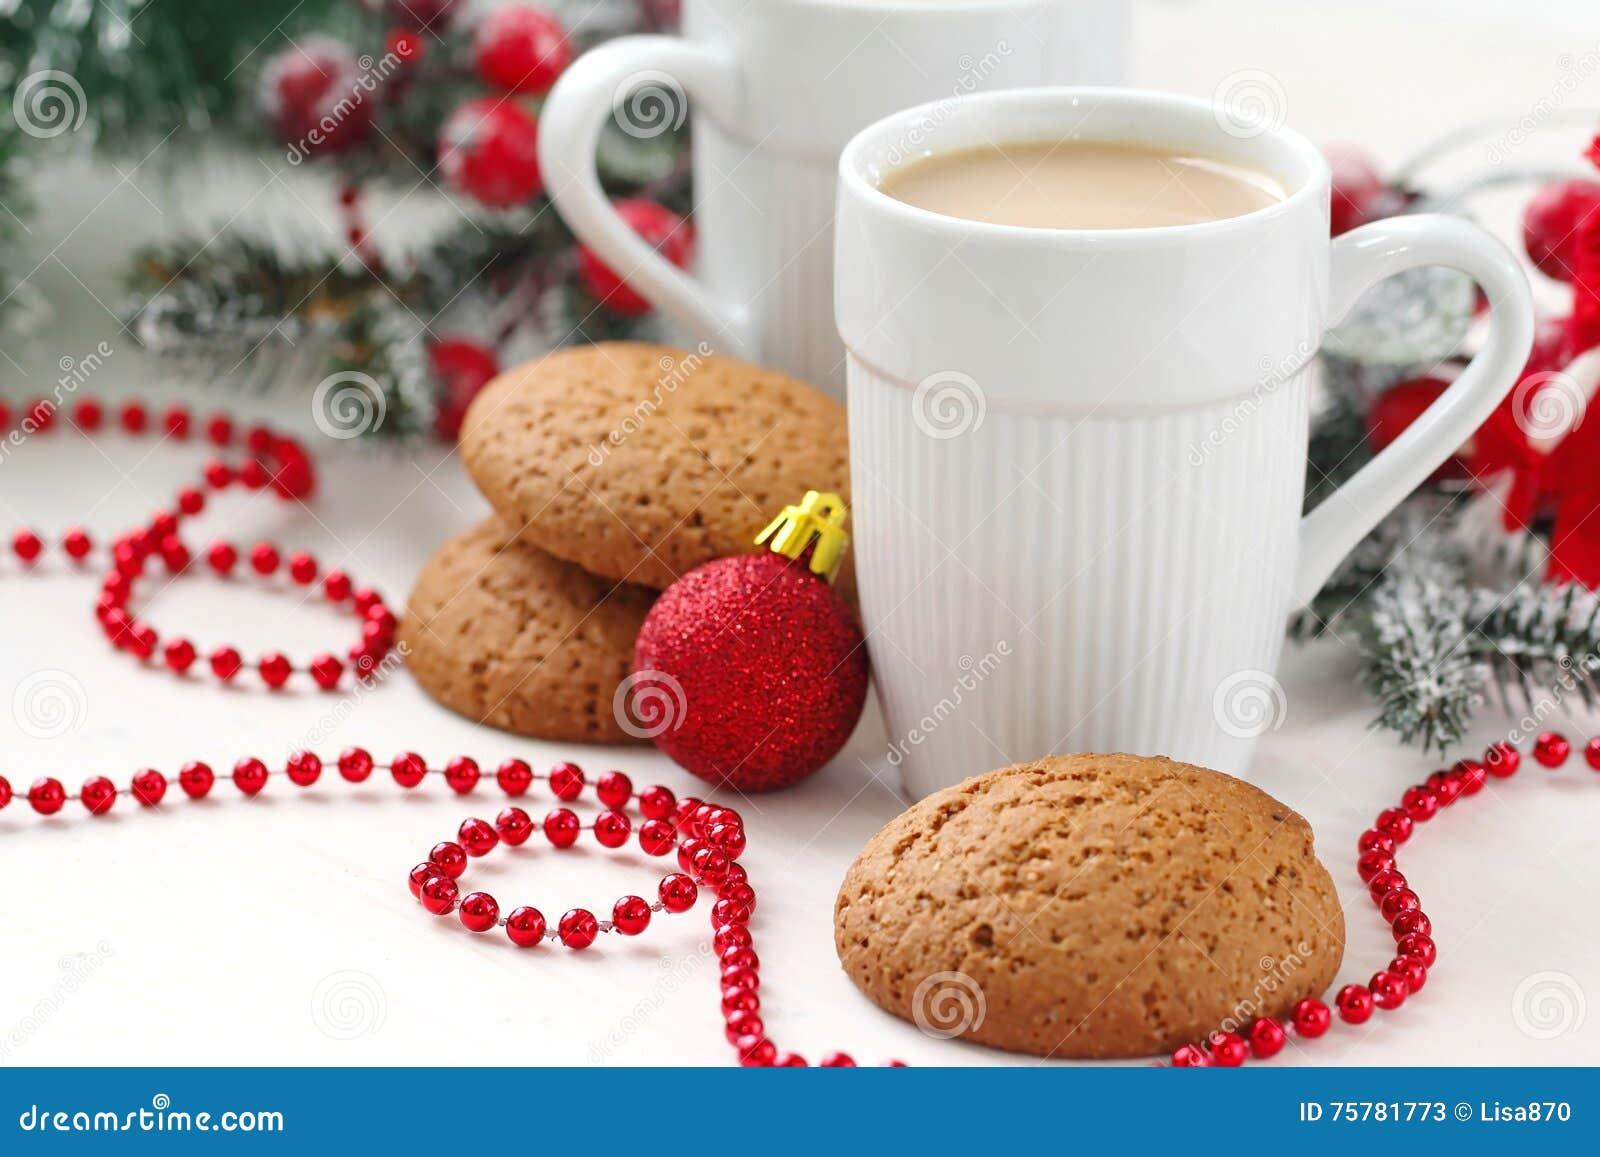 Plätzchen Verzieren Weihnachten.Kaffee Und Plätzchen Neue Ideen Das Haus Zu Verzieren Dieses